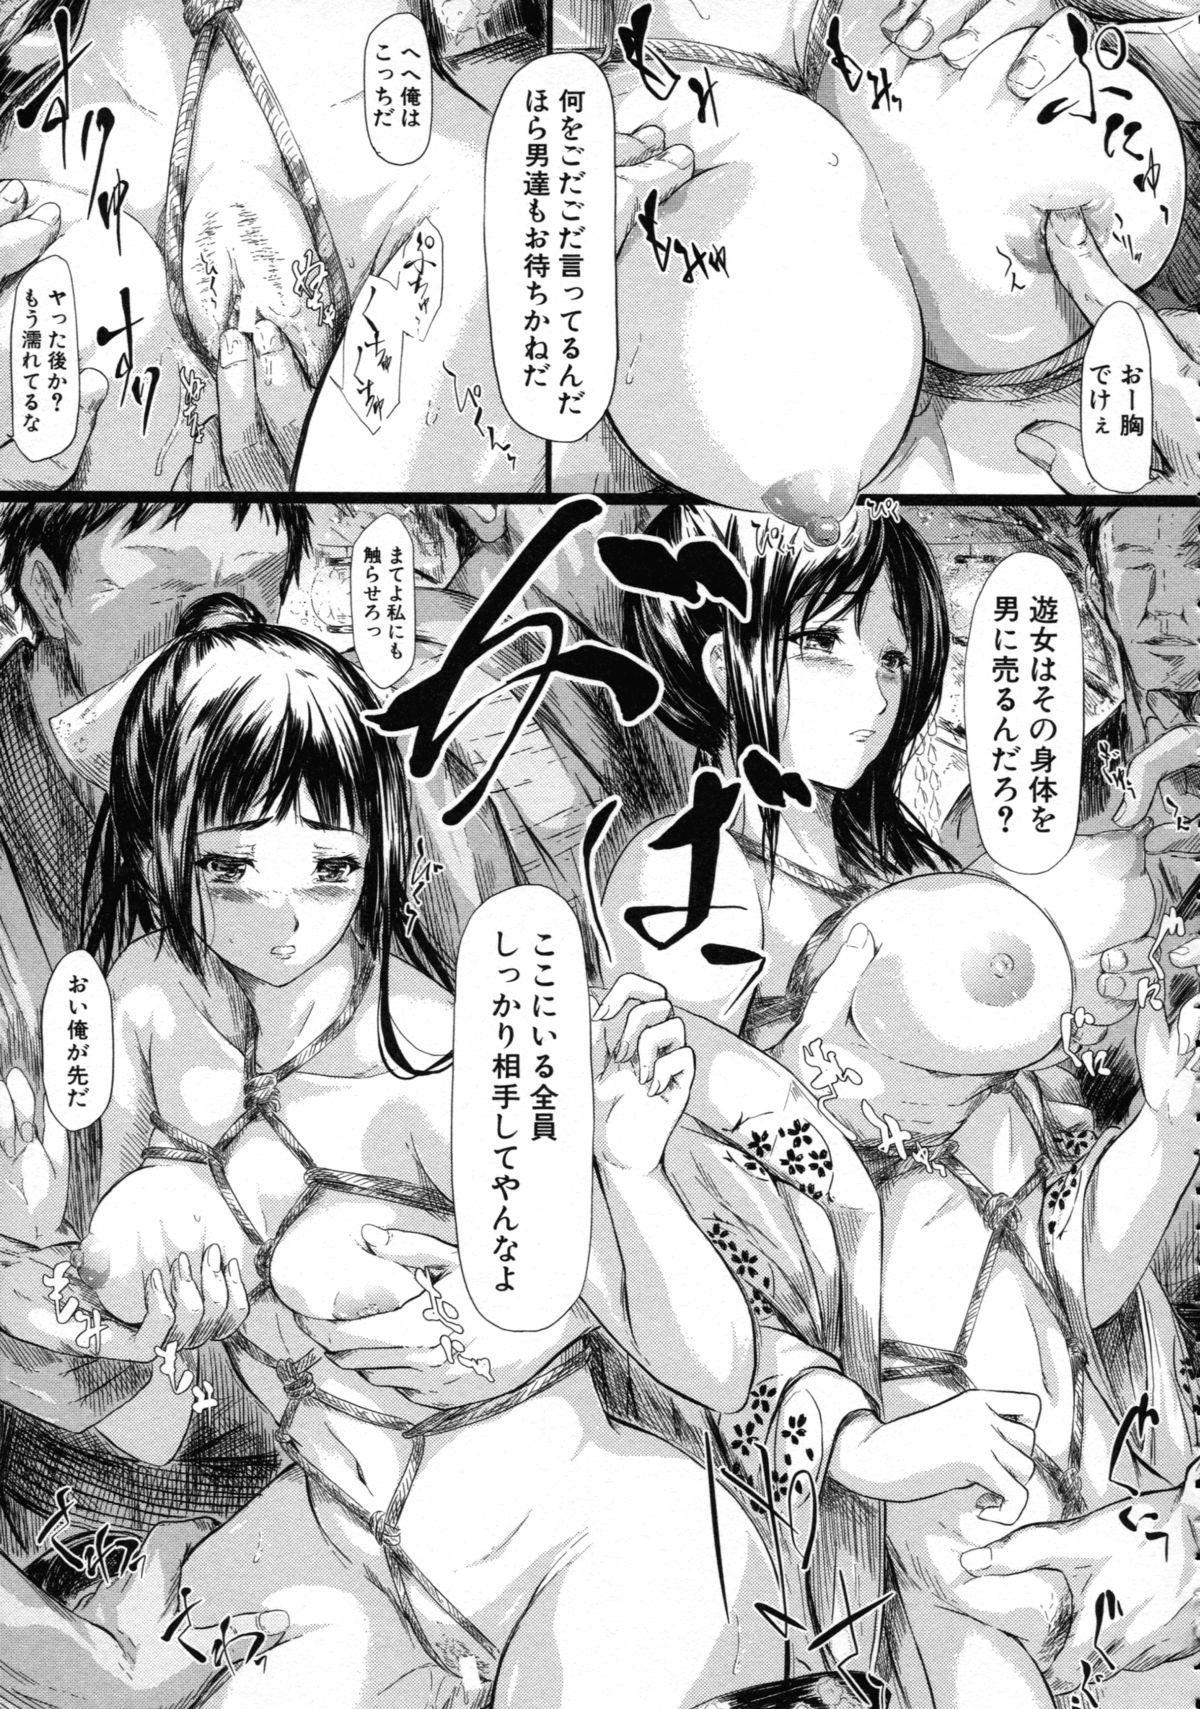 [Shiki Takuto] Tokoharu no Shoujo-tachi - The Girls in the Eternal Spring 160